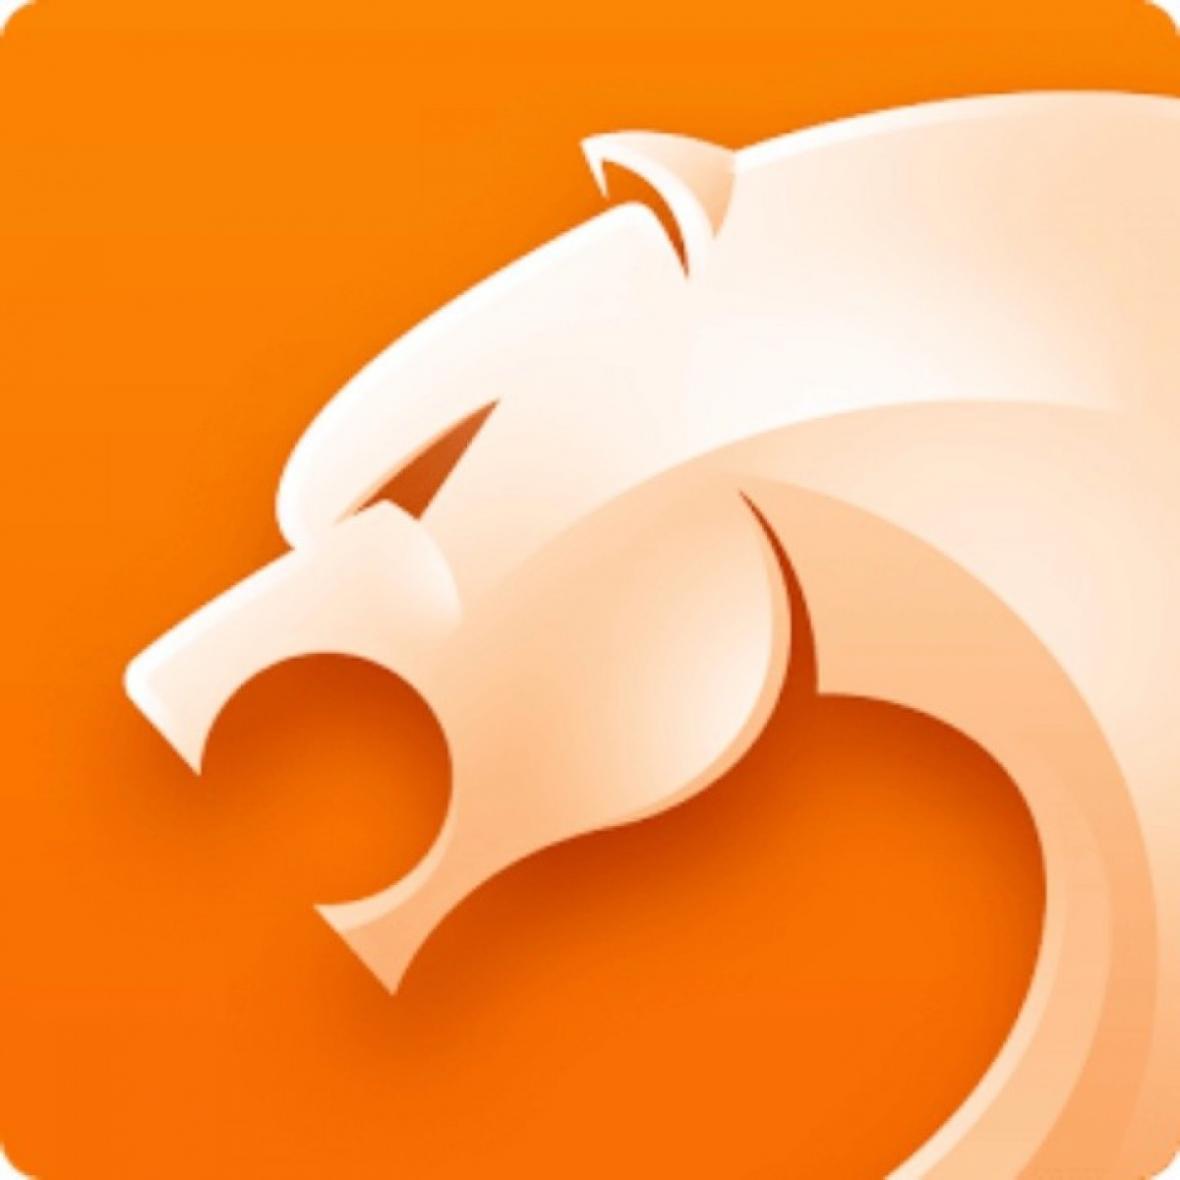 دانلود CM Browser - Adblock Download 5.22.21.51 - مرورگر پرسرعت